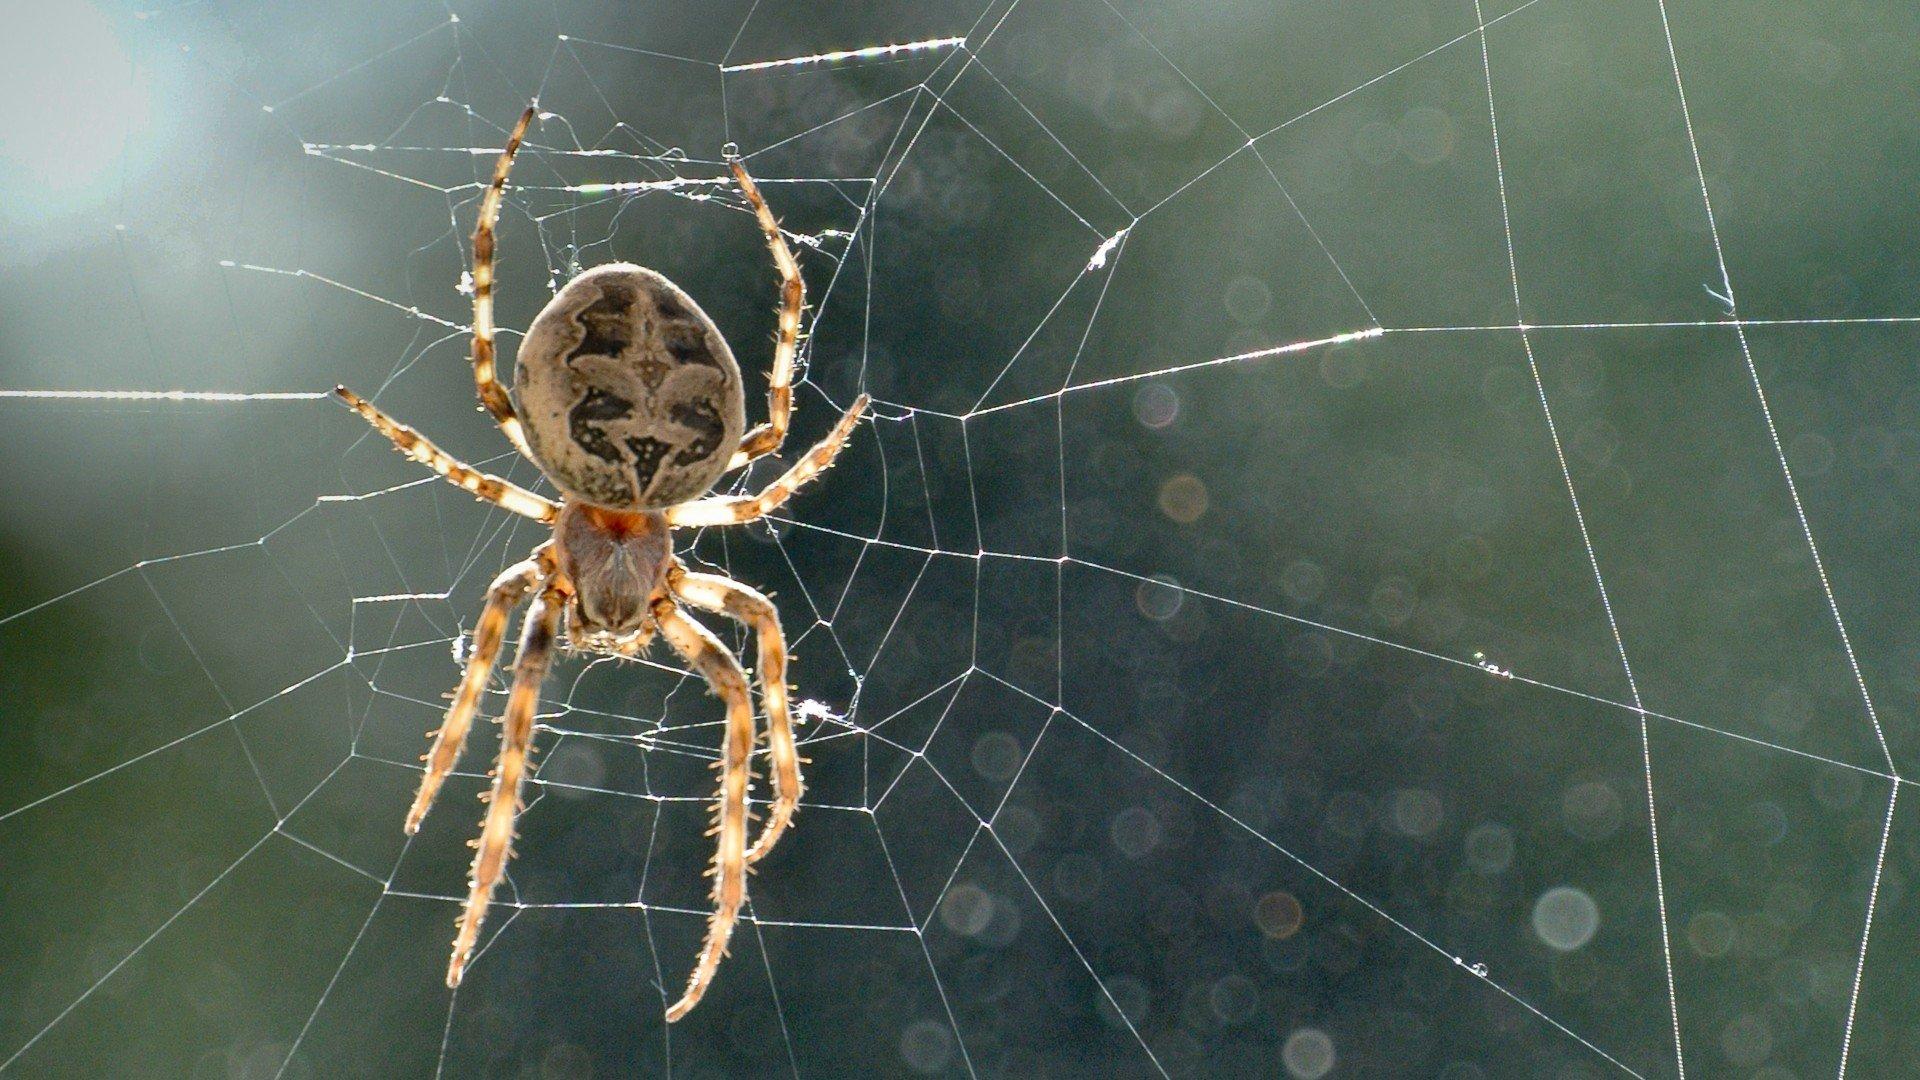 подходит смотреть картинки виды пауков беспокоила воде, суше